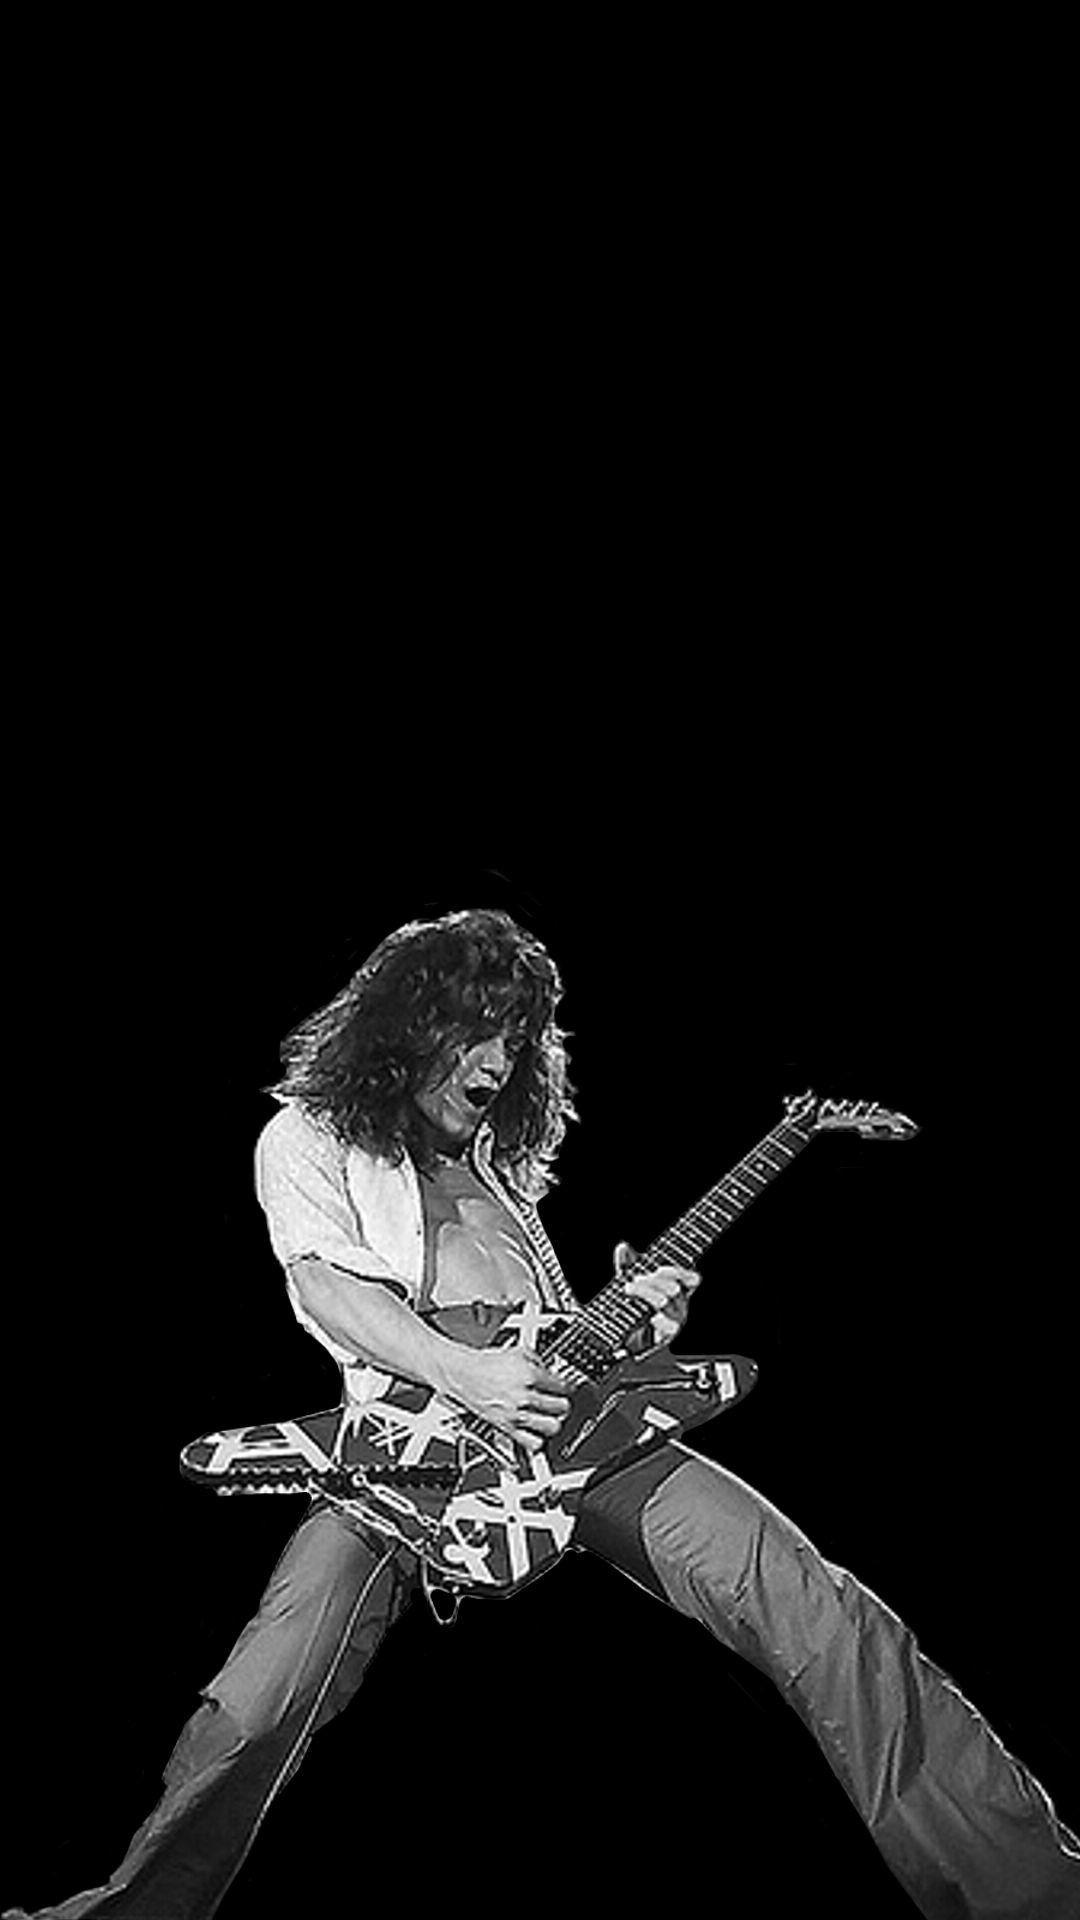 Van Halen Wallpapers Top Free Van Halen Backgrounds